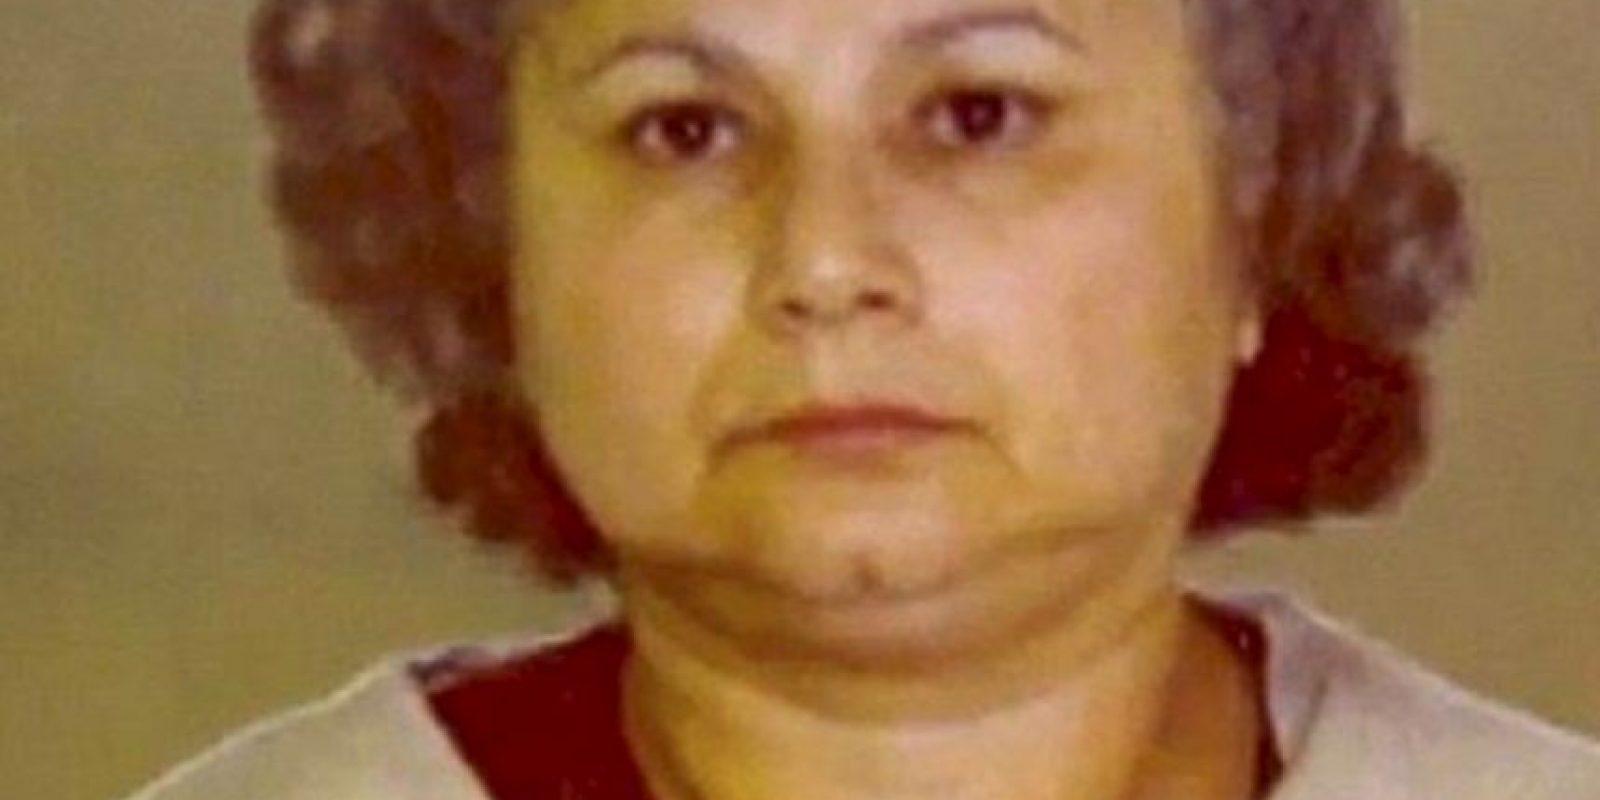 Esto lo haría con uno de sus amantes, pero este, muerto del susto, la delató. Fue deportada en 2004 y la mataron en Medellín. Foto:vía Cocaine Cowboys. Imagen Por: